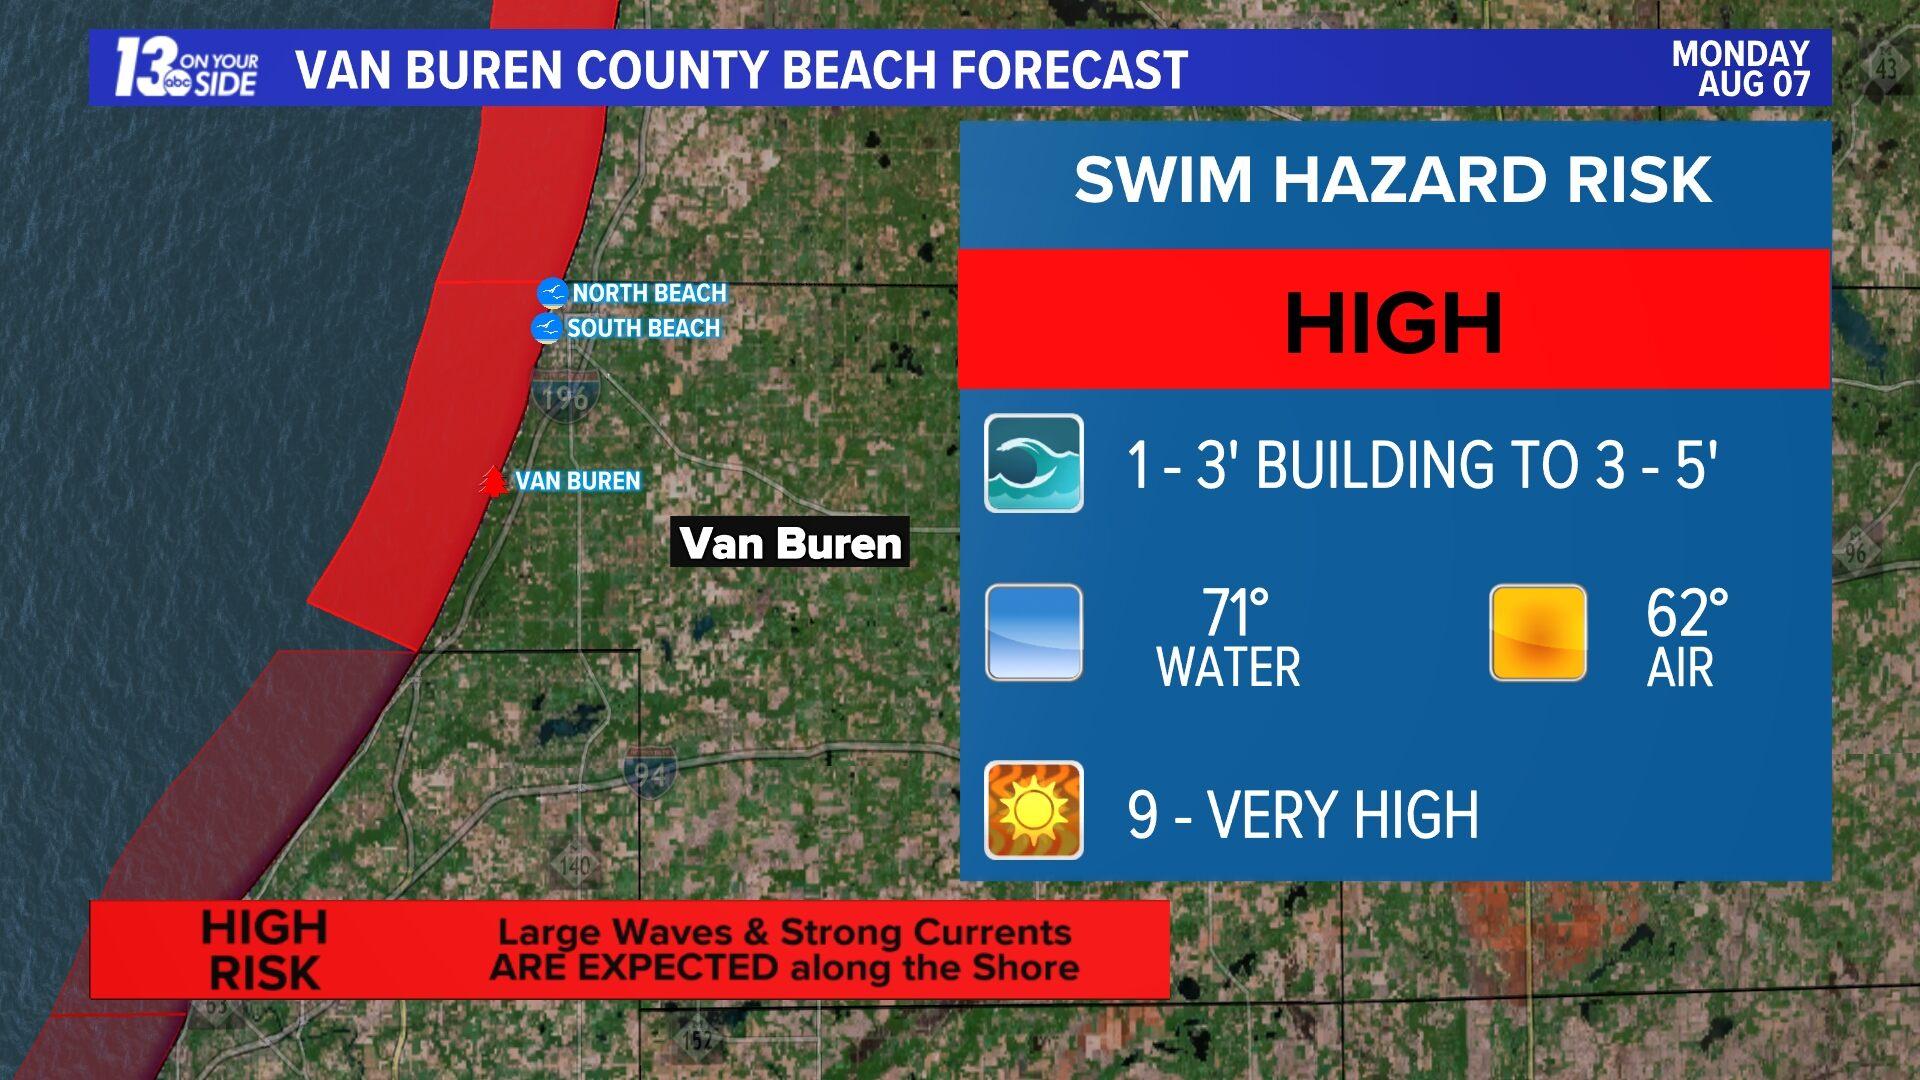 Van Buren County Beaches